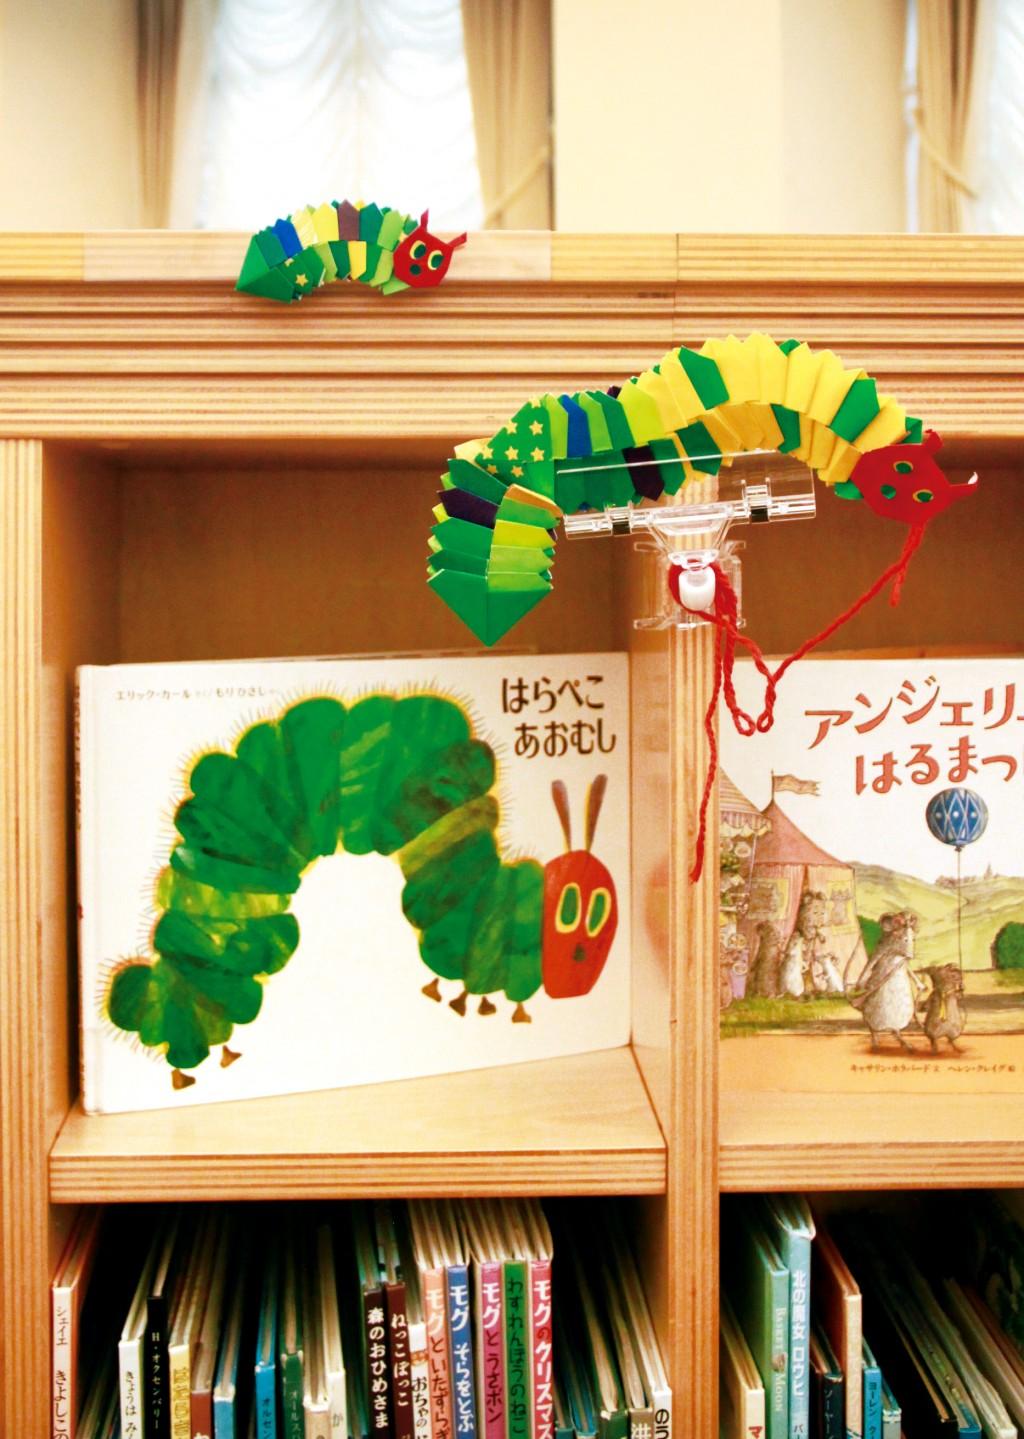 書櫃上陳設出館員製作《好餓的毛毛蟲》繪本角色紙偶。